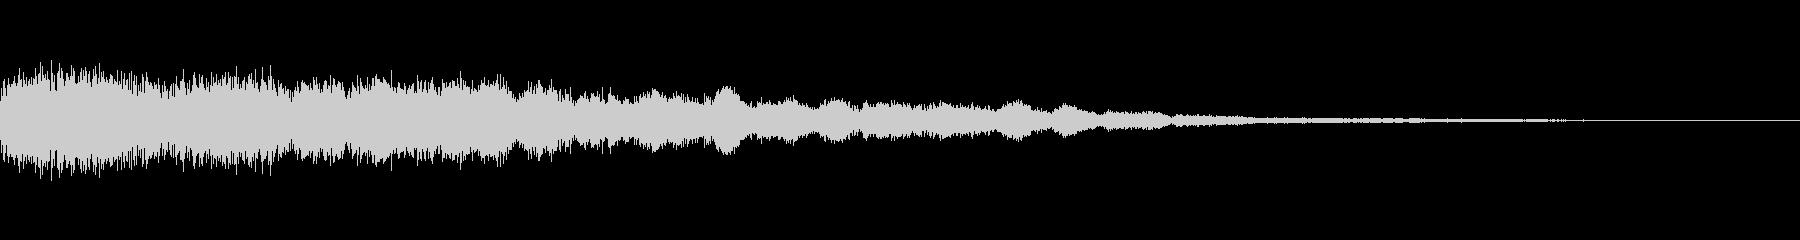 [ギュピーン]キメ・カットイン(派手に)の未再生の波形